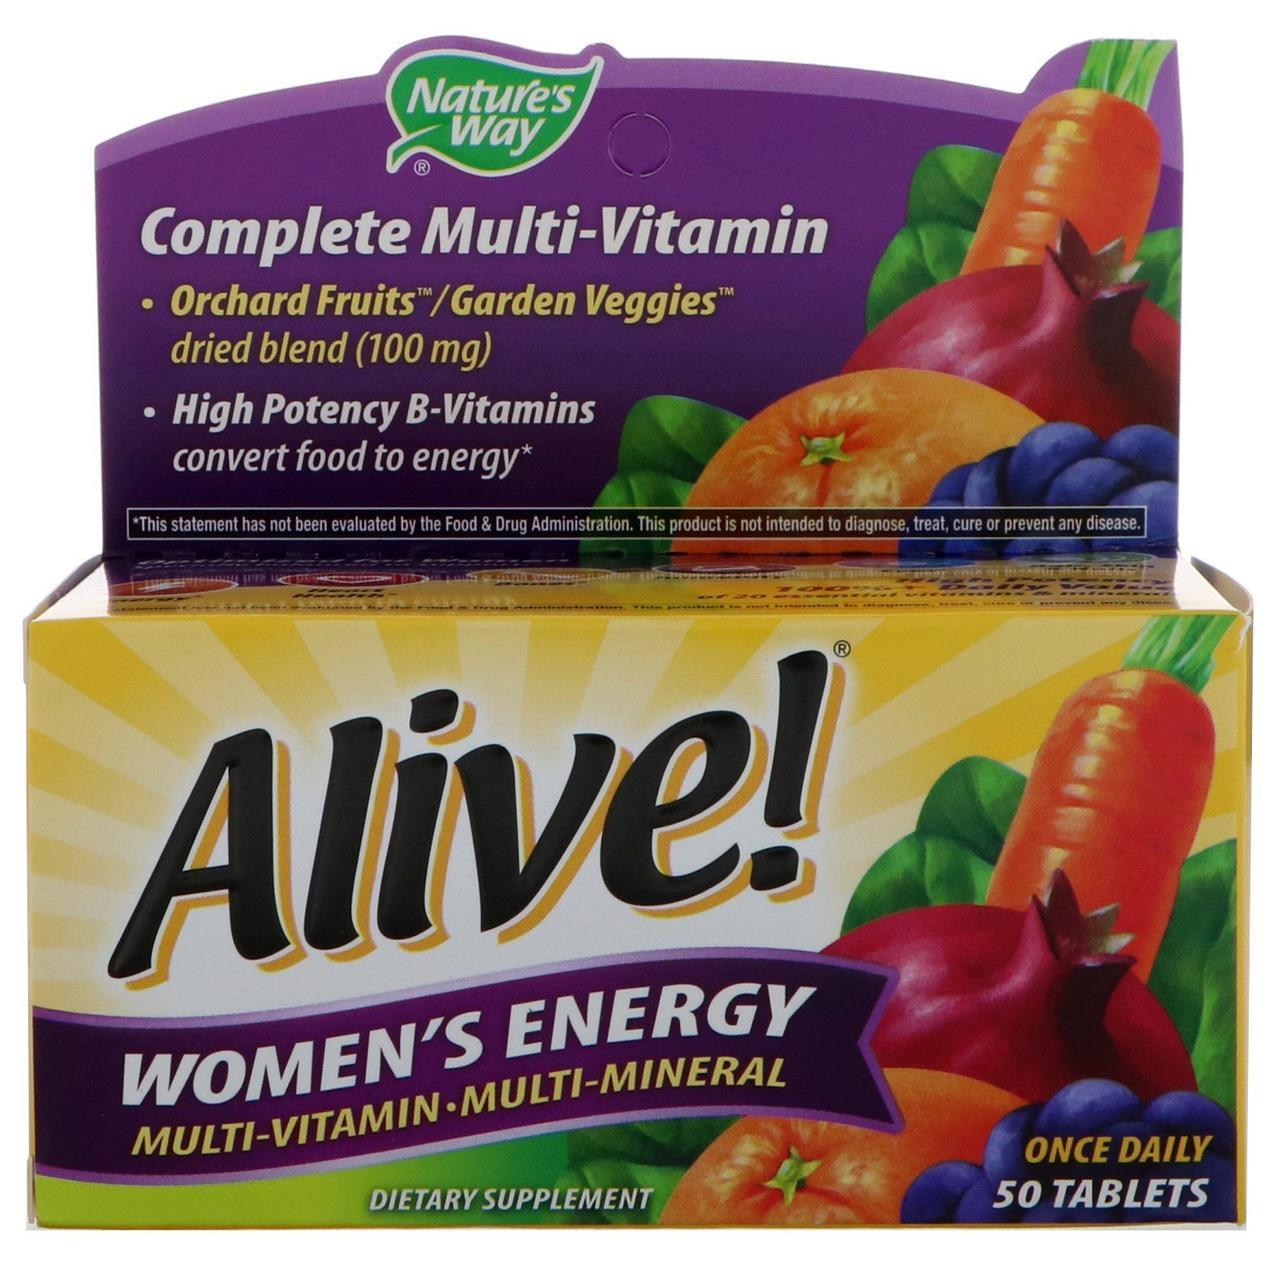 Nature's Way, Alive! Women's Energy мультивитамины + минералы+ экстракты для женщин, 50 таблеток